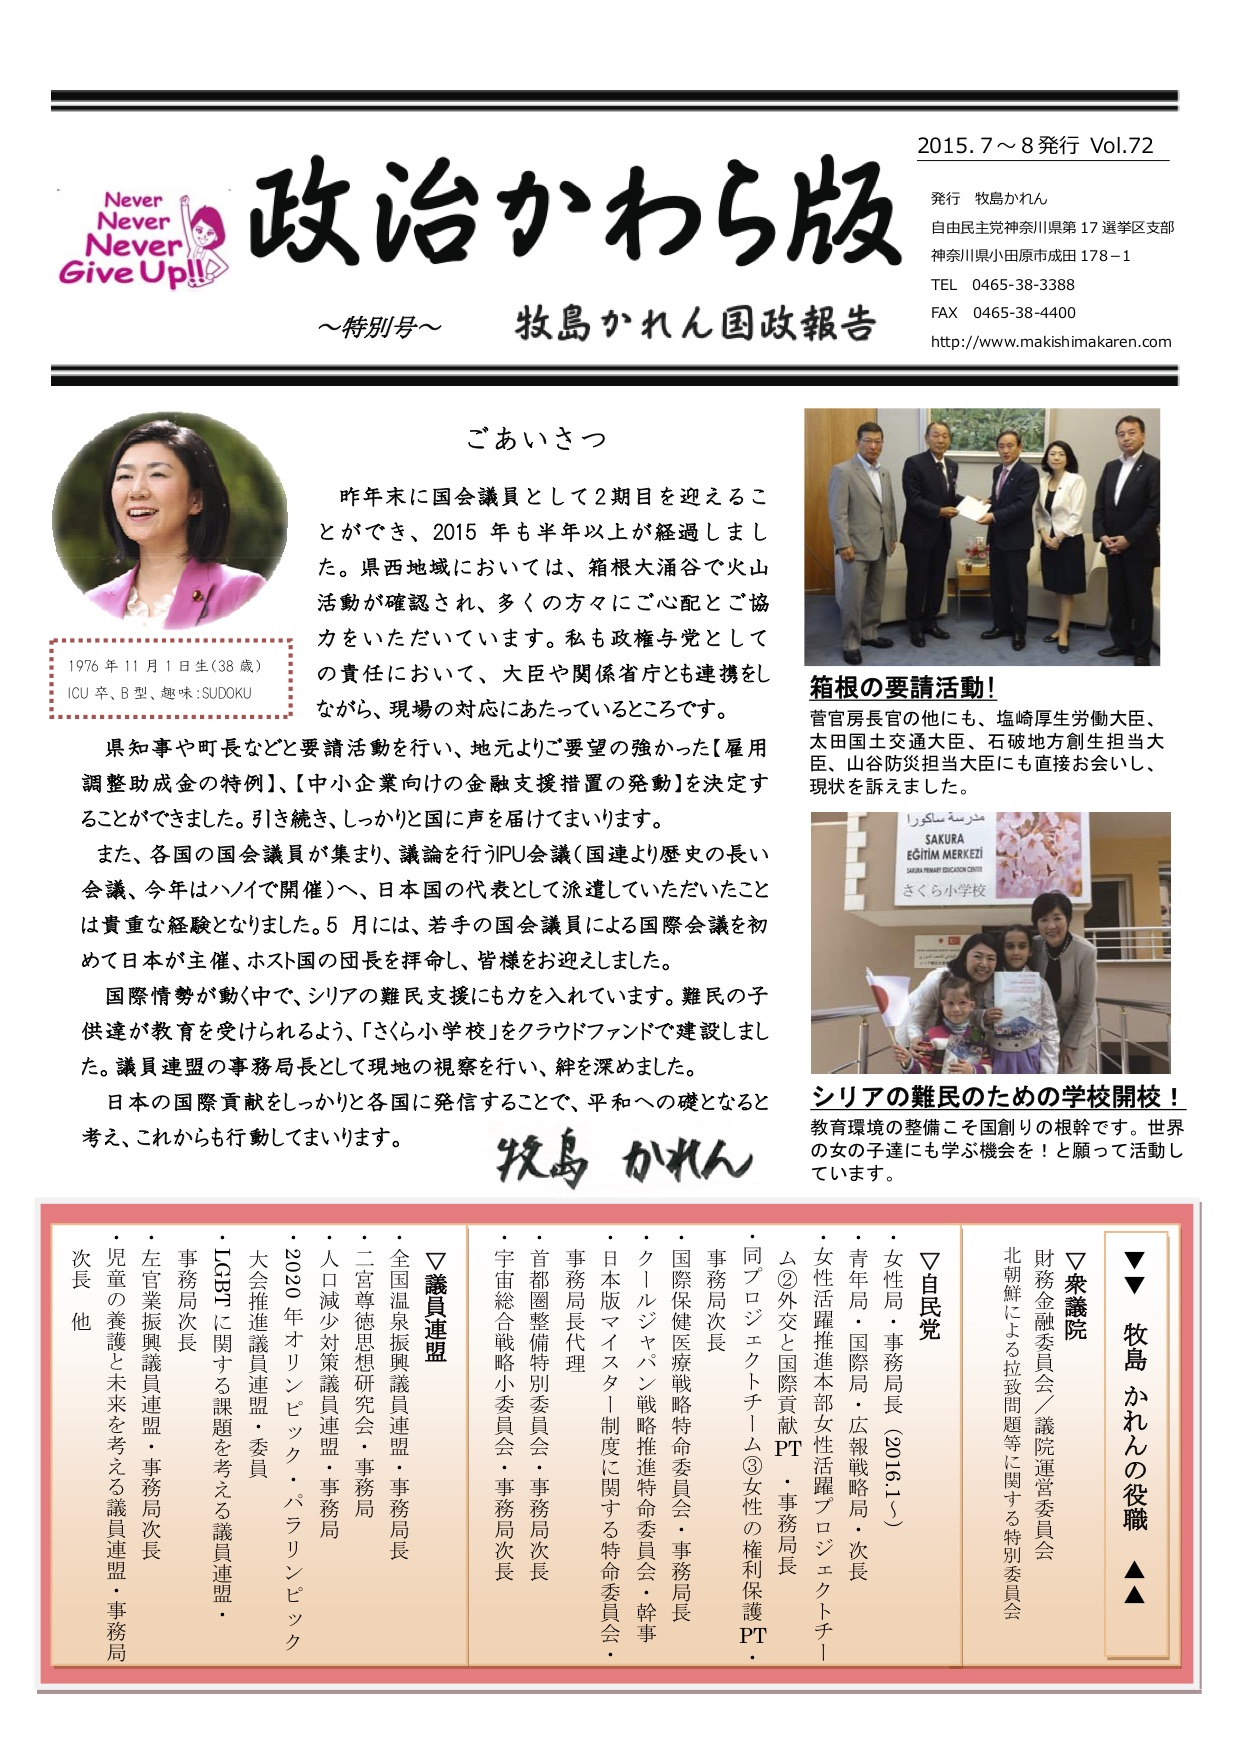 牧島かれん 政治かわら版2015年特別号 Vol.72